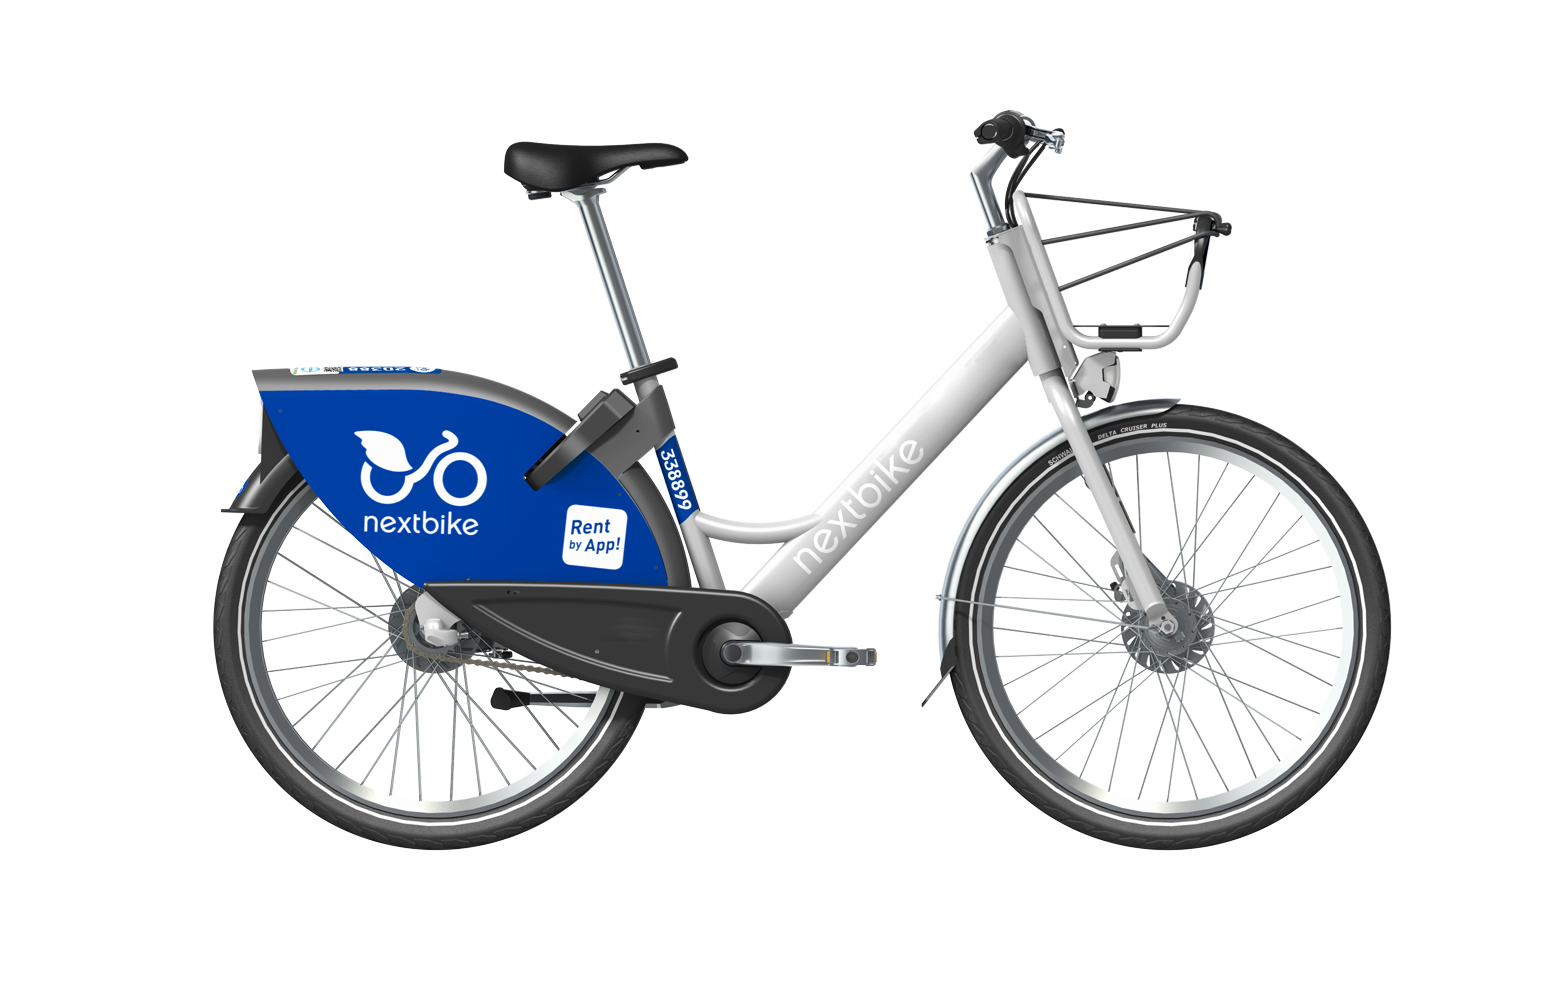 nextbike smartbike 2.0